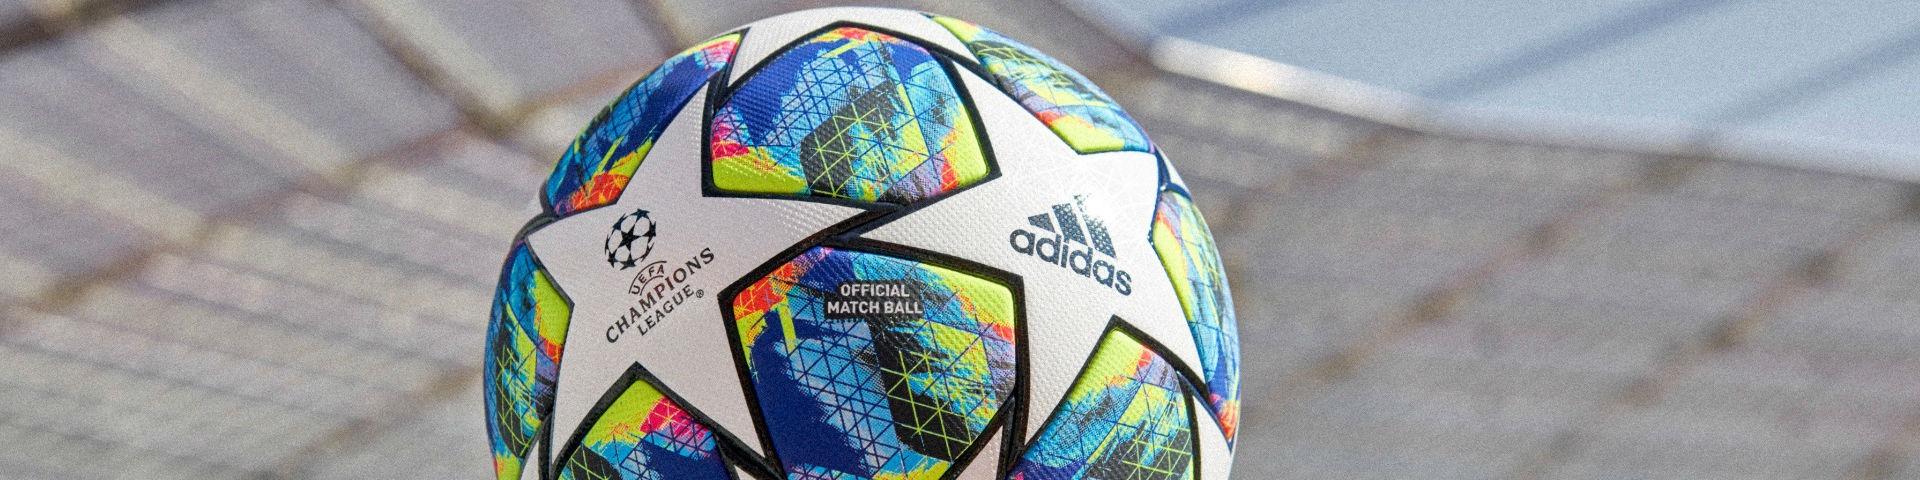 БК «1хСтавка»: футбольный мяч за прогноз на Лигу чемпионов